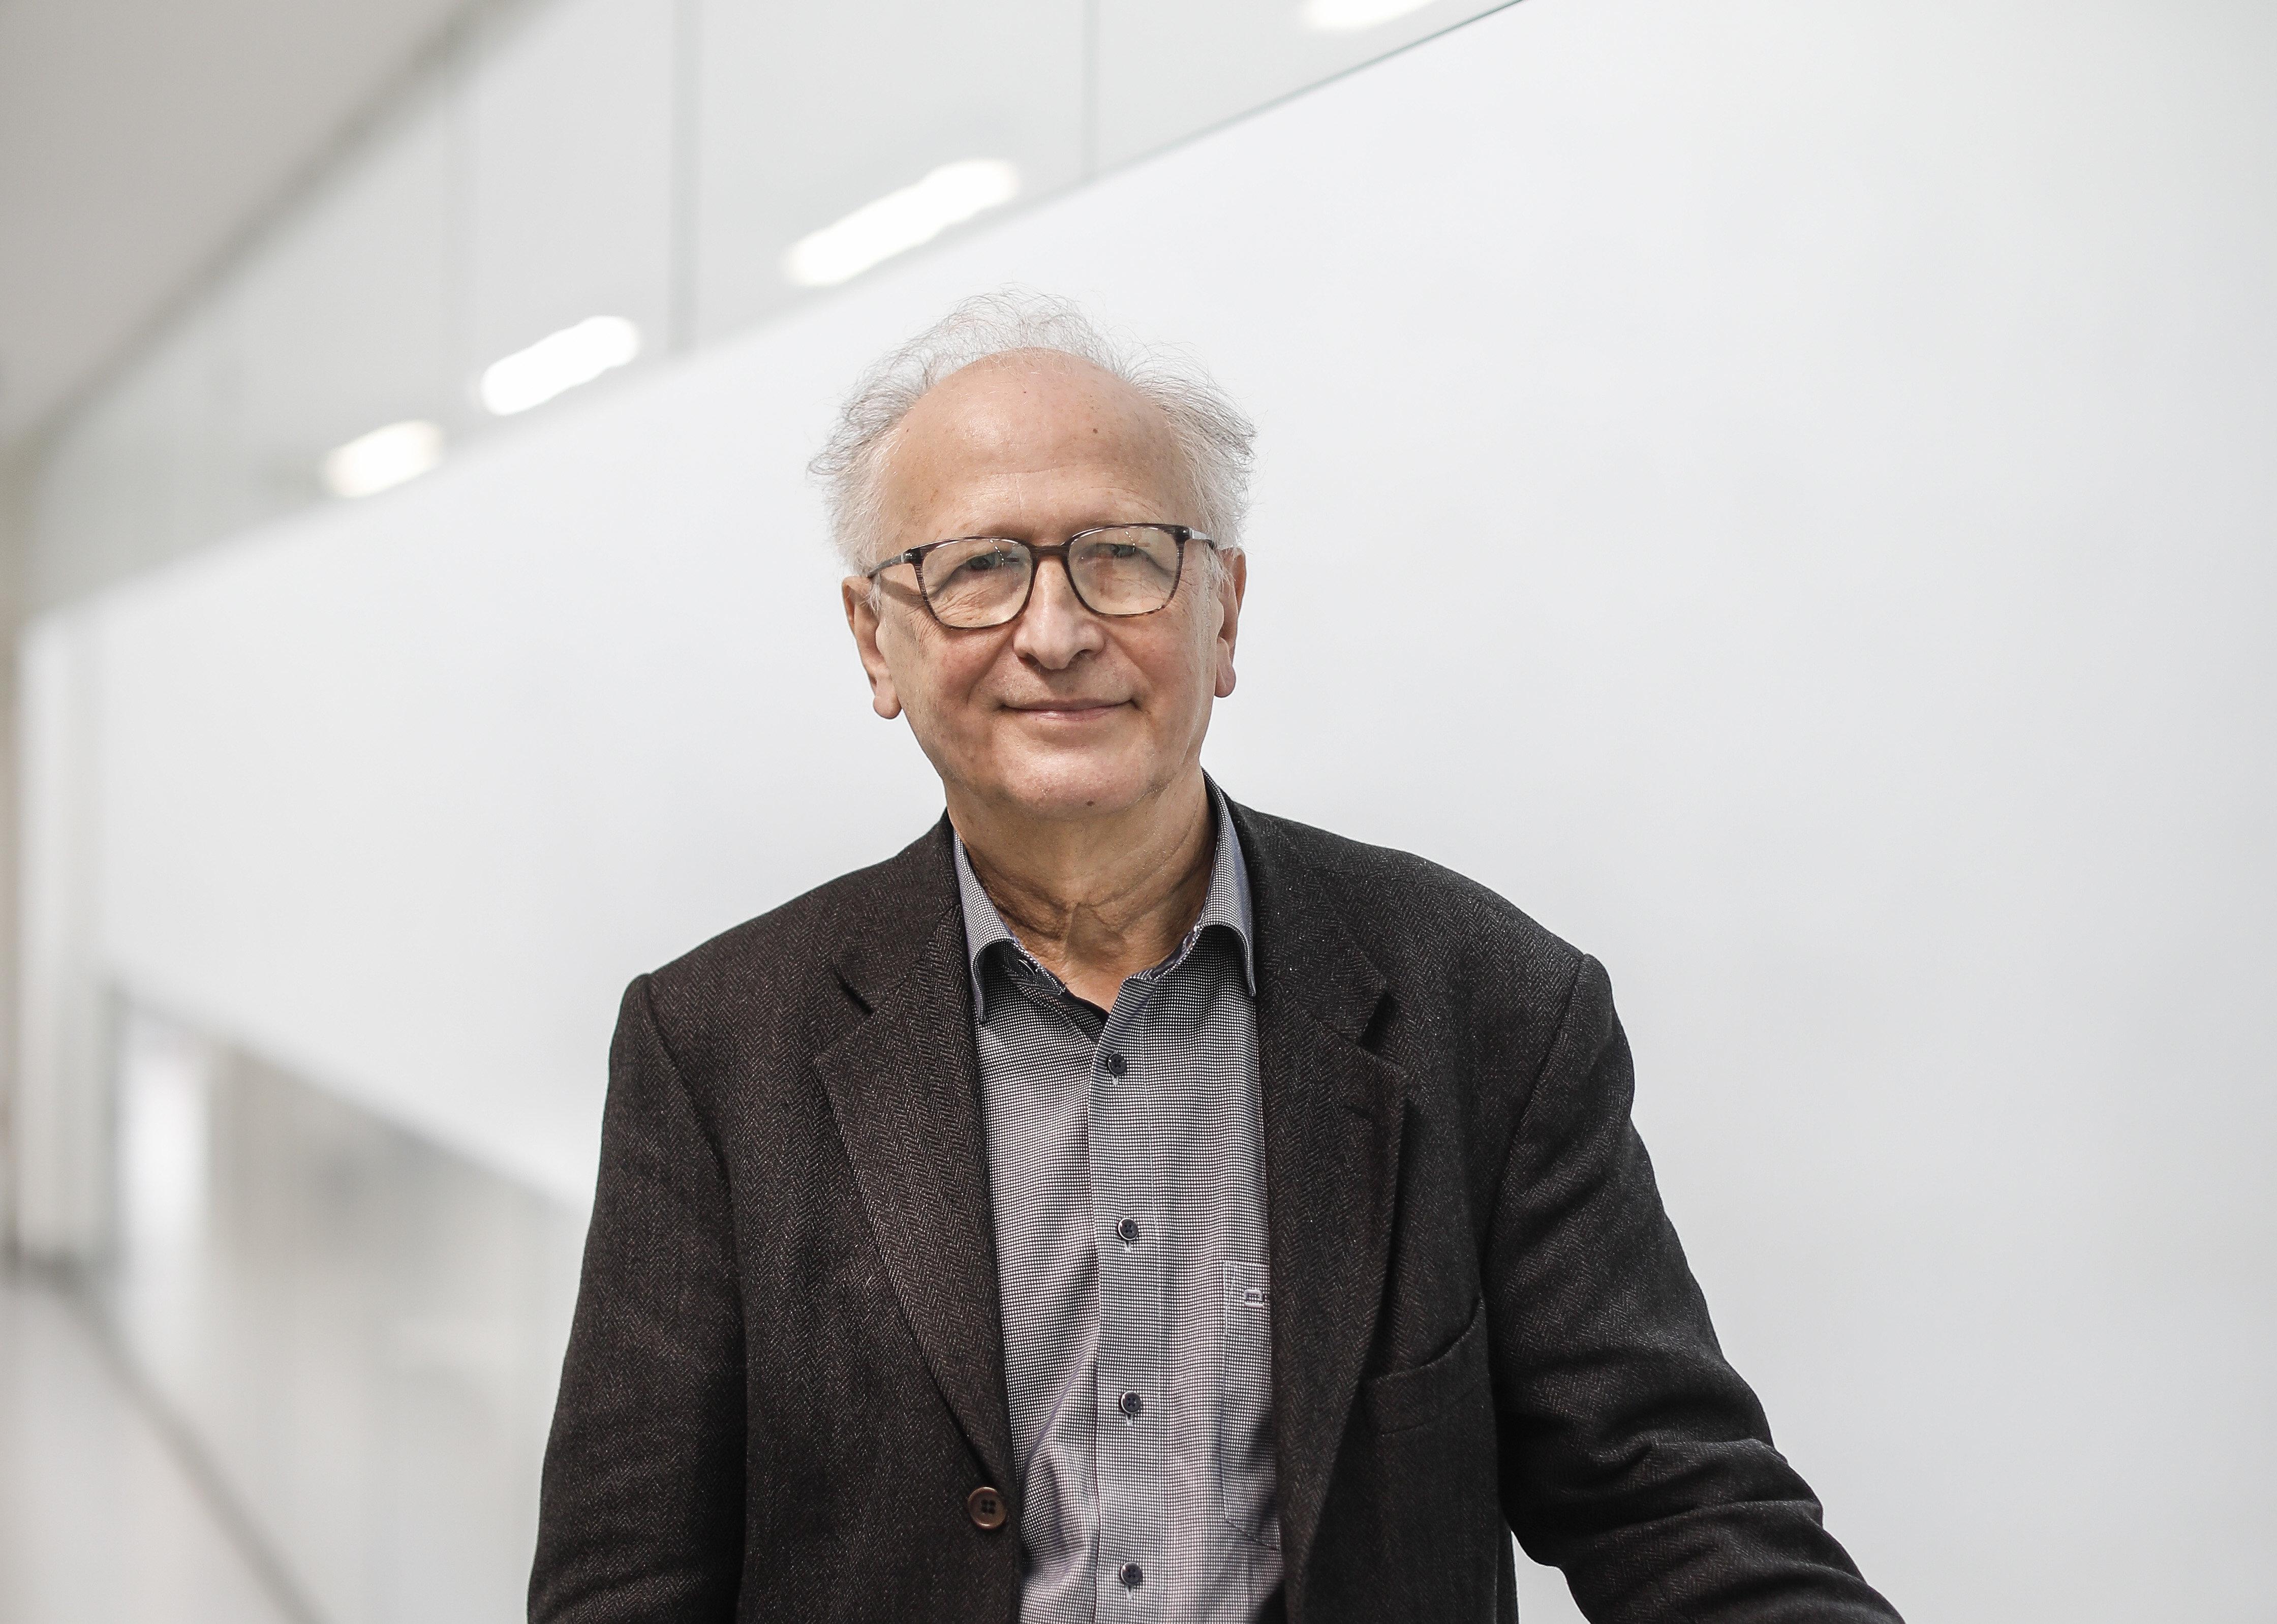 Covid-19 : calendrier, efficacité, retard... Ce qu'il faut retenir de l'interview d'Alain Fischer, Monsieur vaccin du gouvernement - Le Parisien